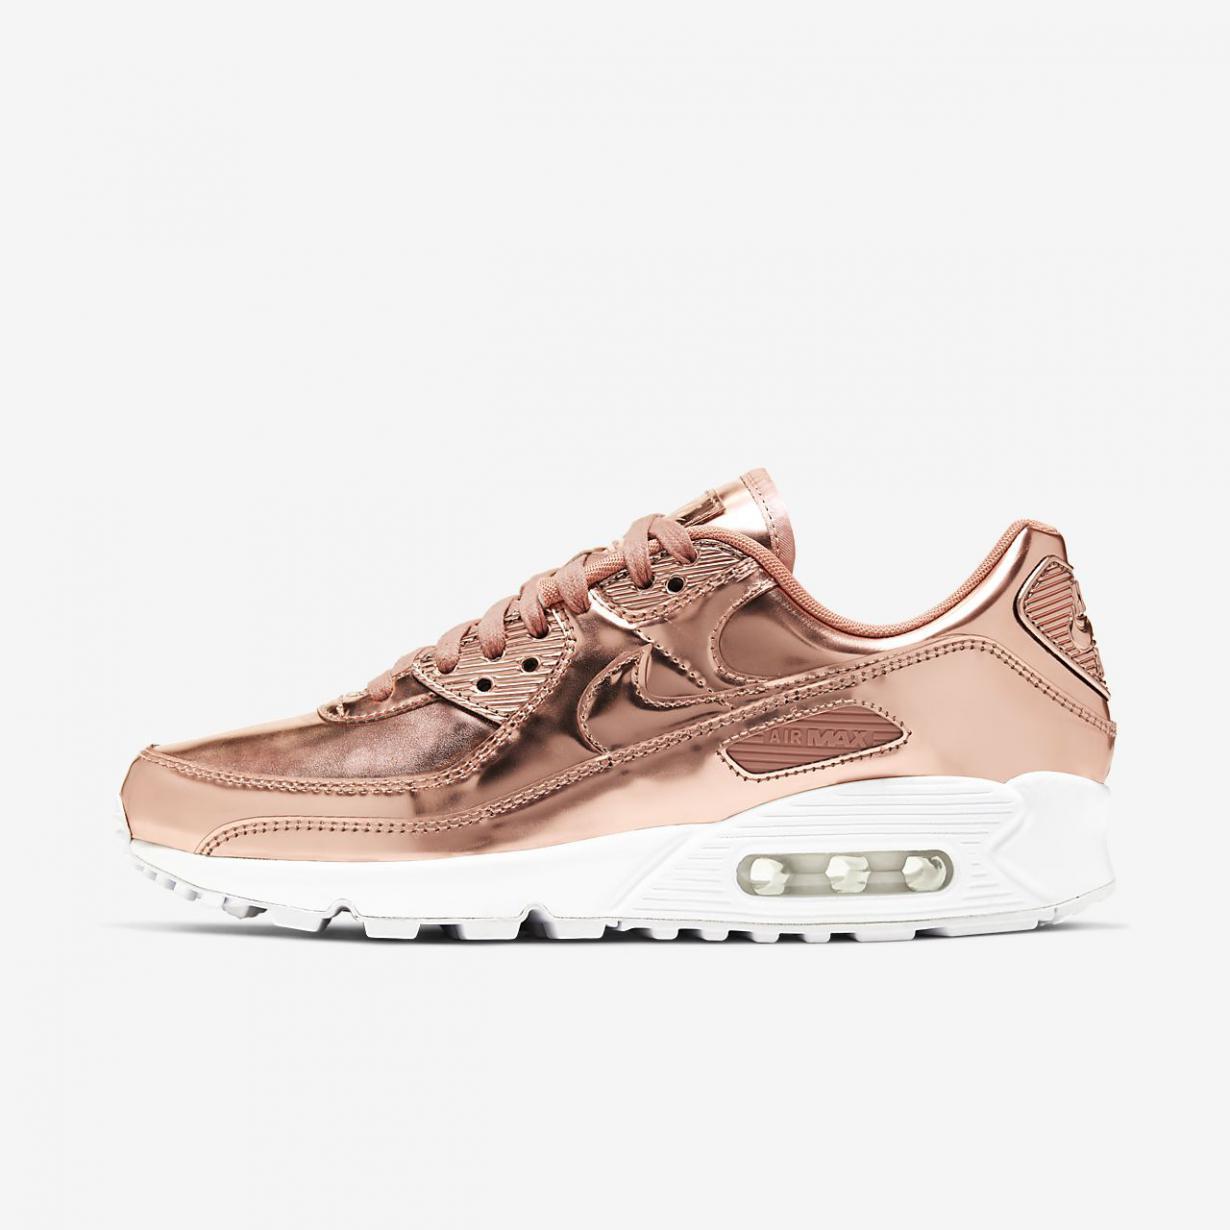 Lifestyle Homme | Air Max 90 SP Rose doré/Bronze rouge métallique/Blanc/Rose doré | Nike < Gooddaytricities